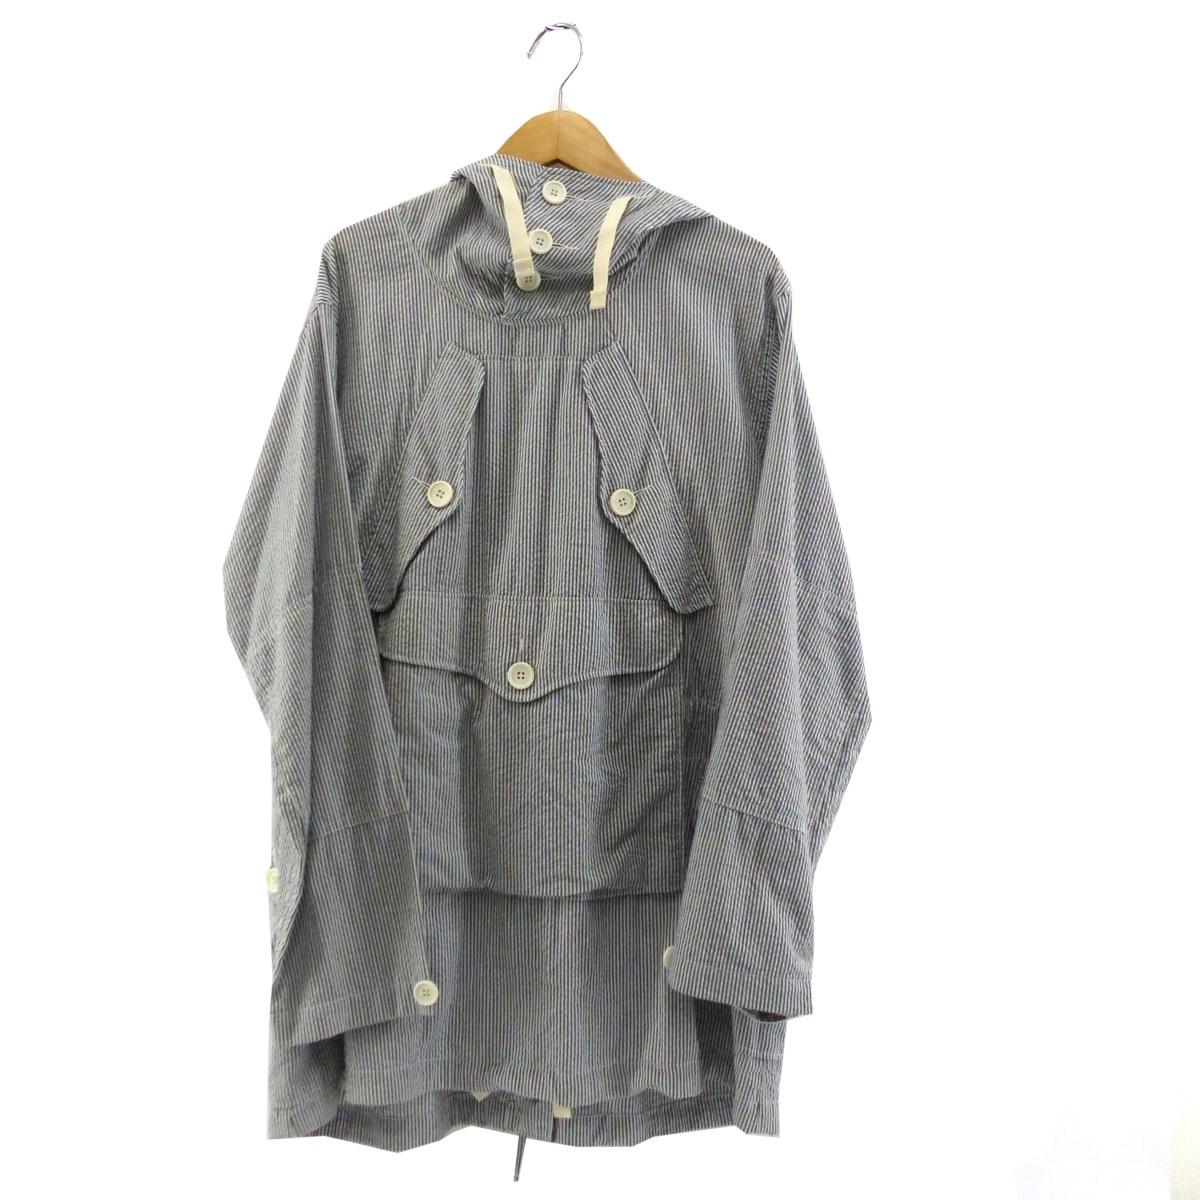 【中古】Engineered Garments シアサッカーアノラックパーカー ブルー×ホワイト サイズ:M 【030520】(エンジニアードガーメンツ)